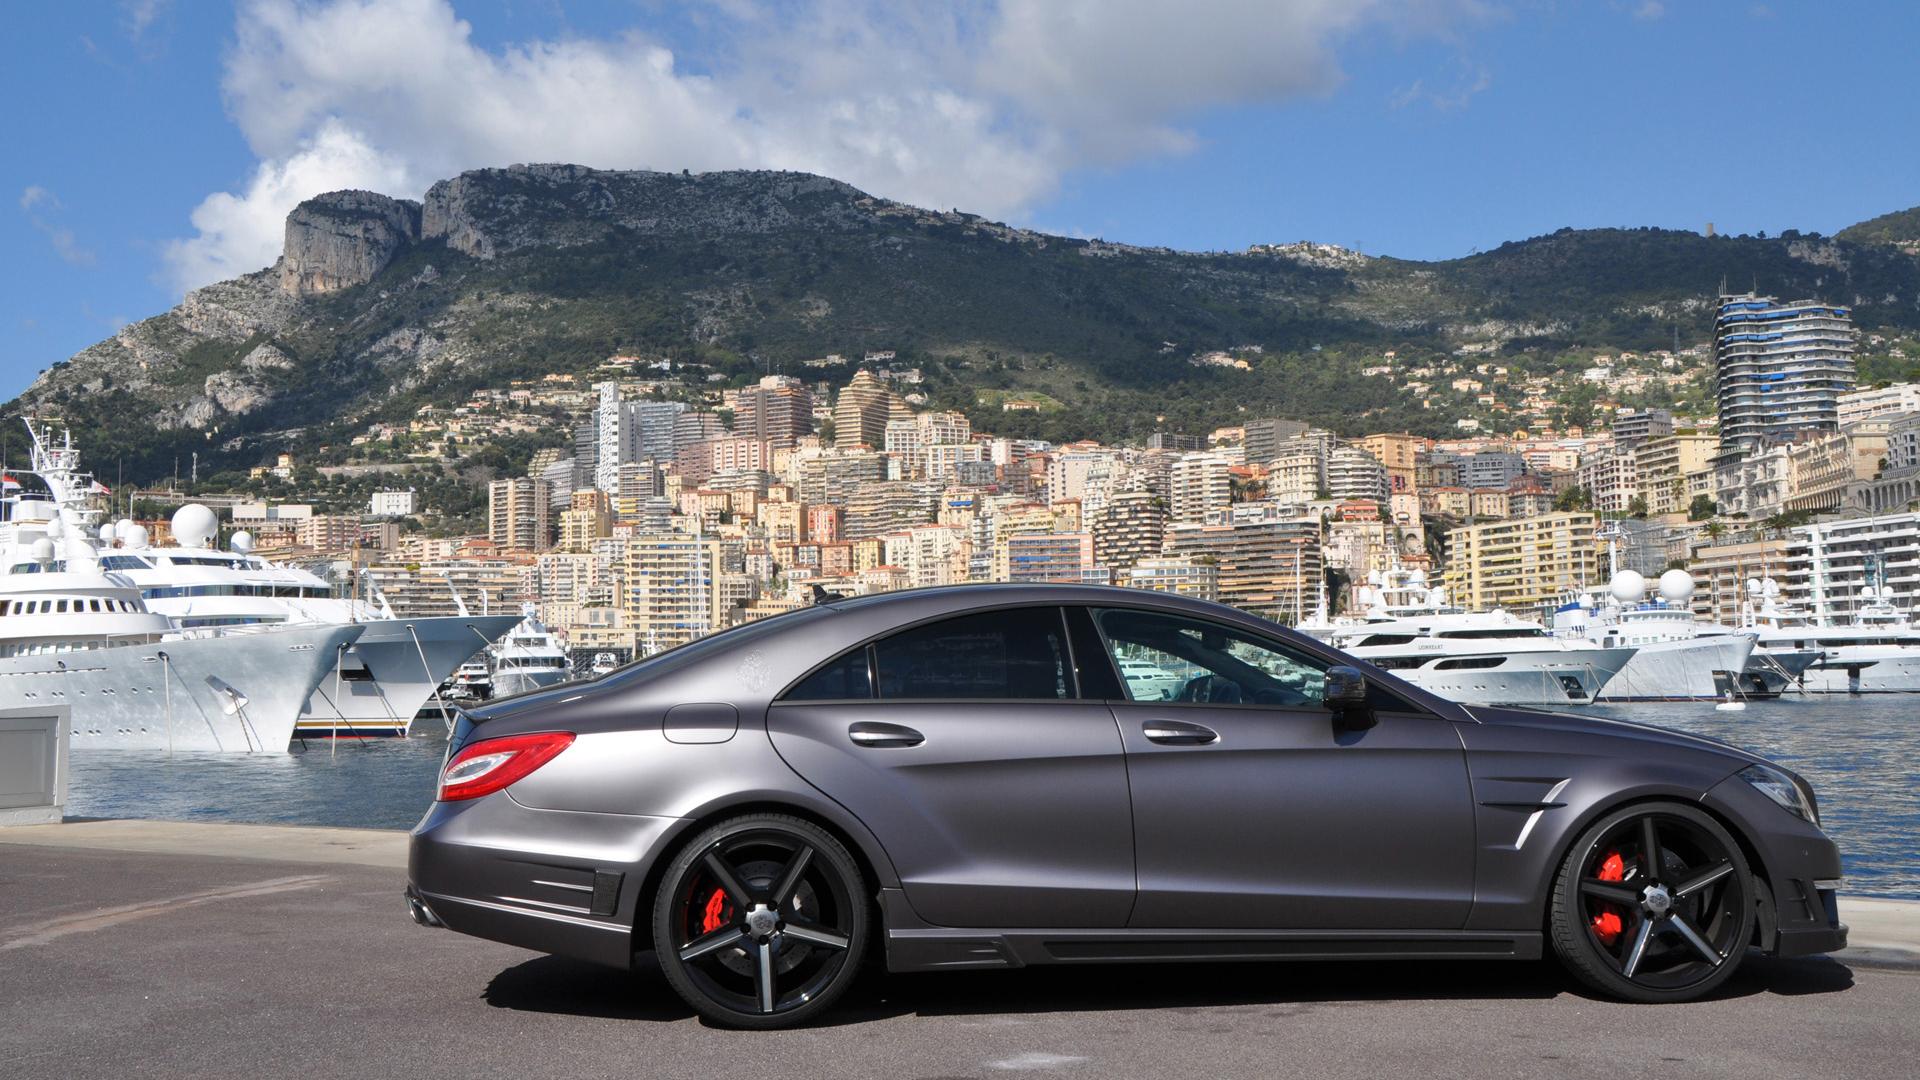 Mercedes CLS63 AMG Modification HD Wallpaper